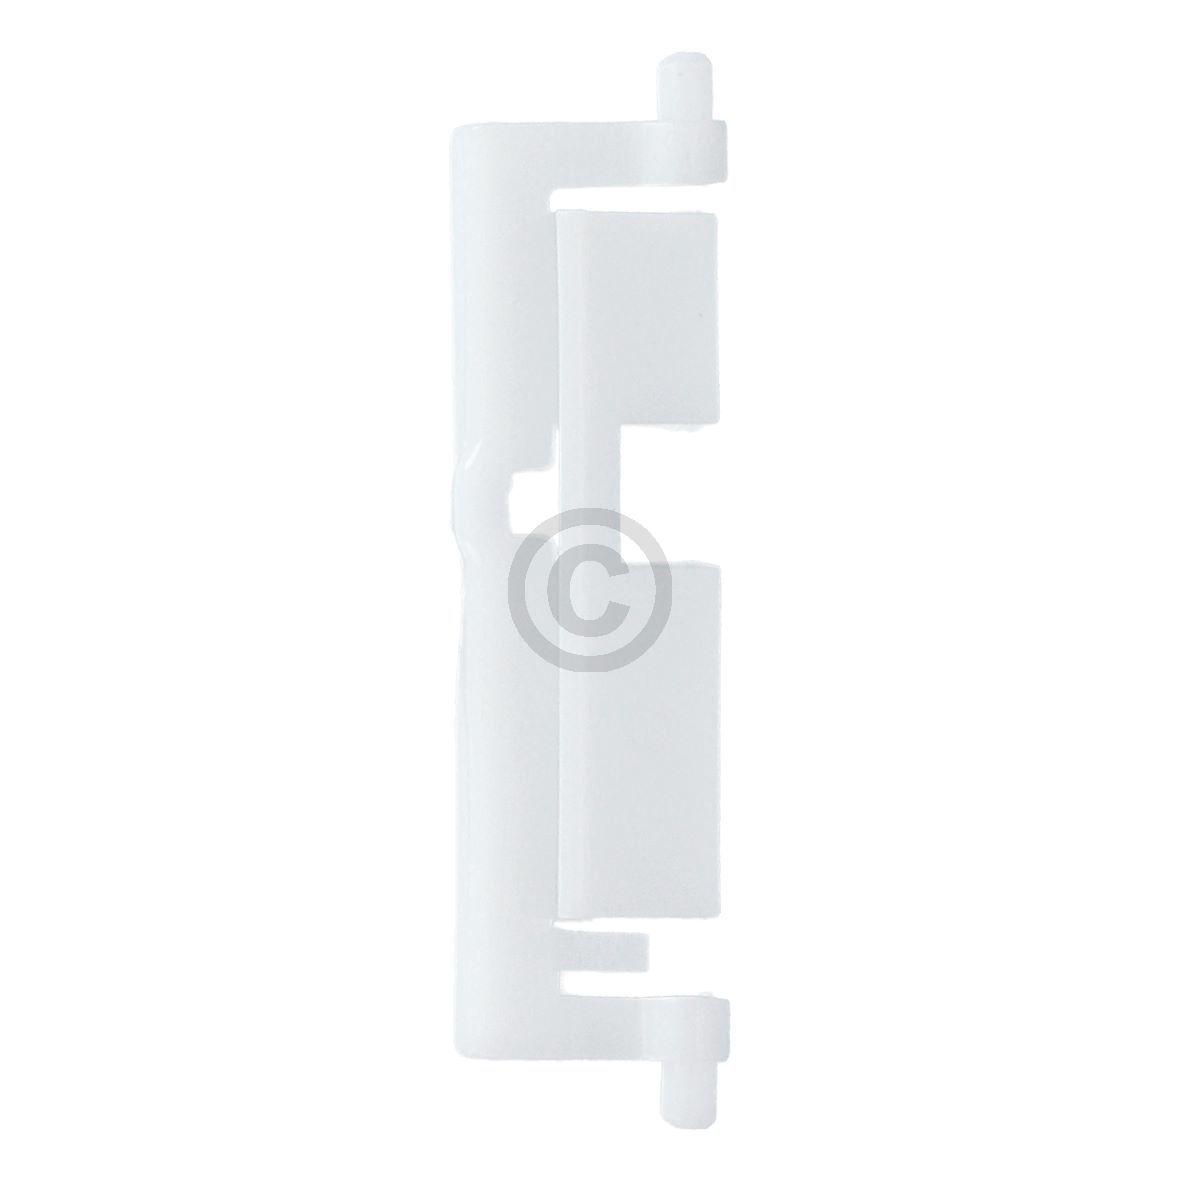 Türgrifffeder für Gefrierfach 00092894 092894 Bosch, Siemens, Neff, Küppersbusch